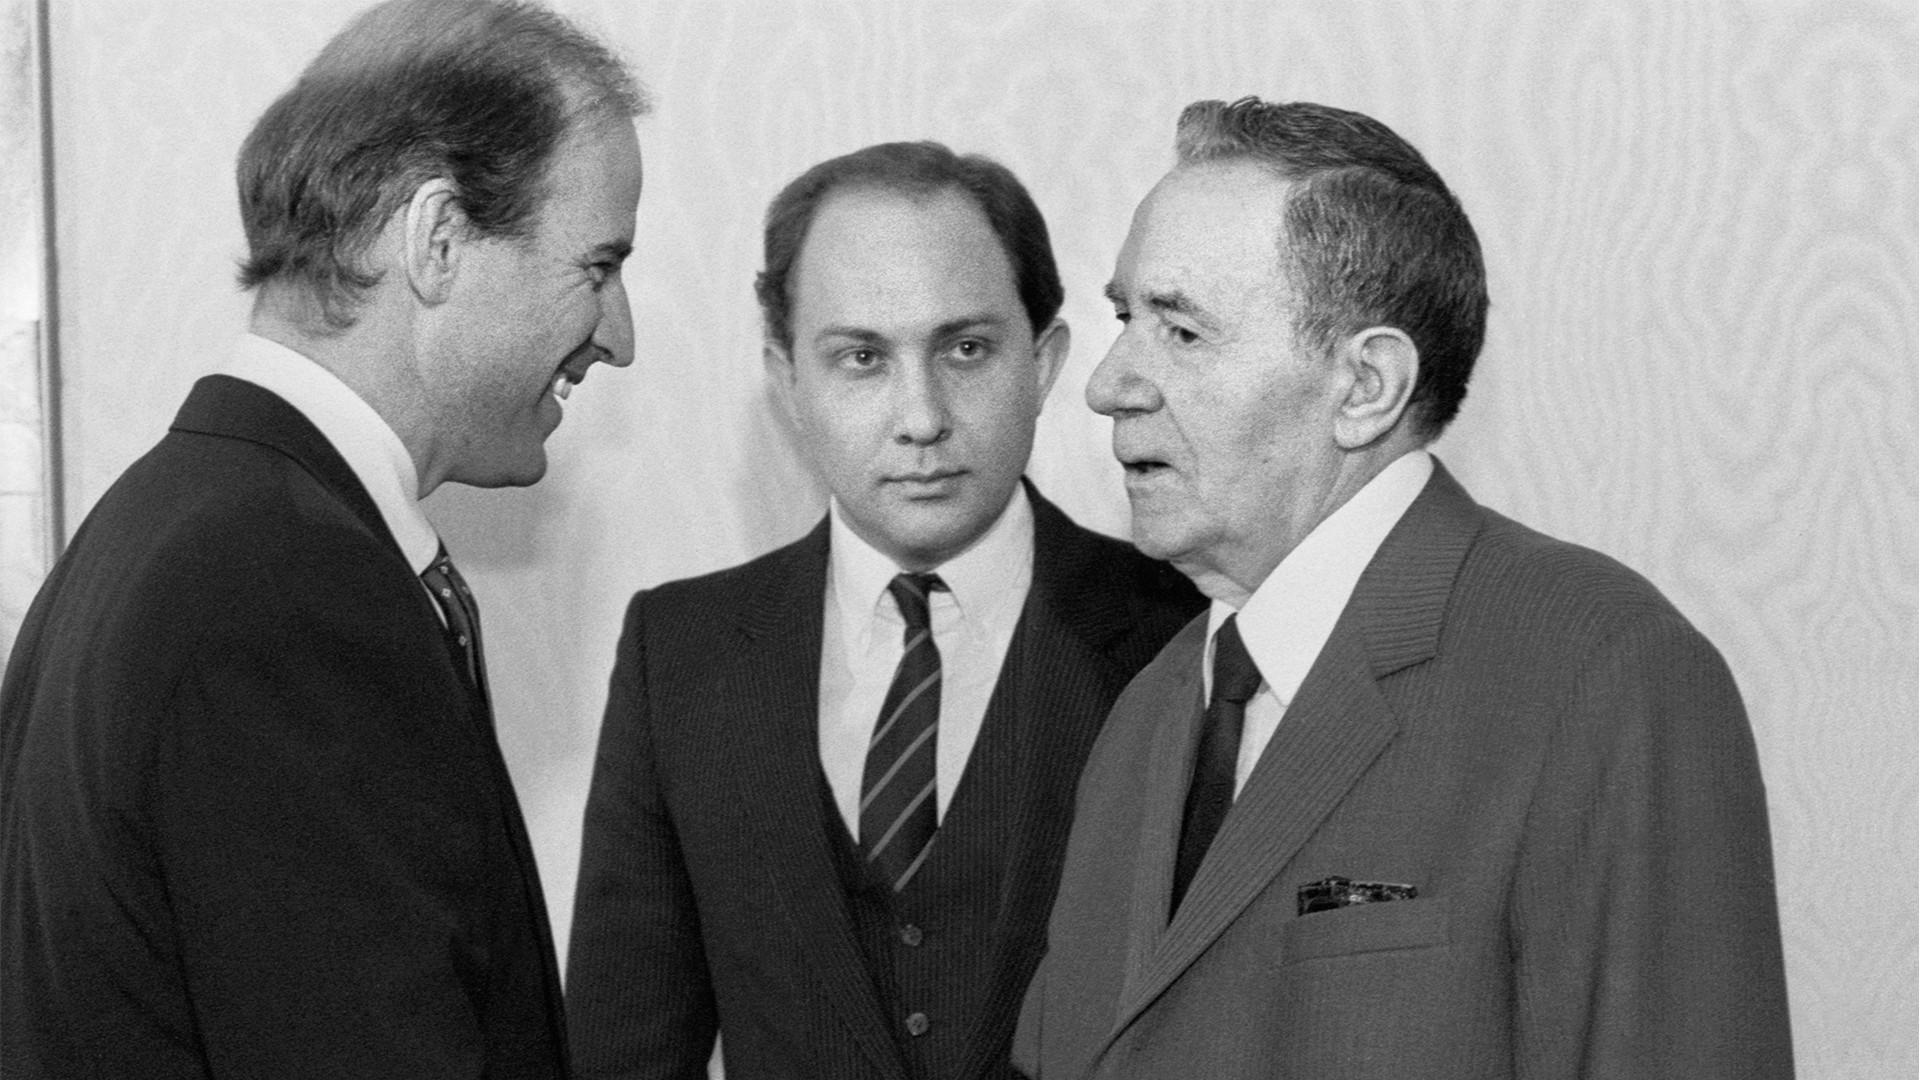 Џо Бајден, Виктор Прокофјев и Андреј Громико, 1988.